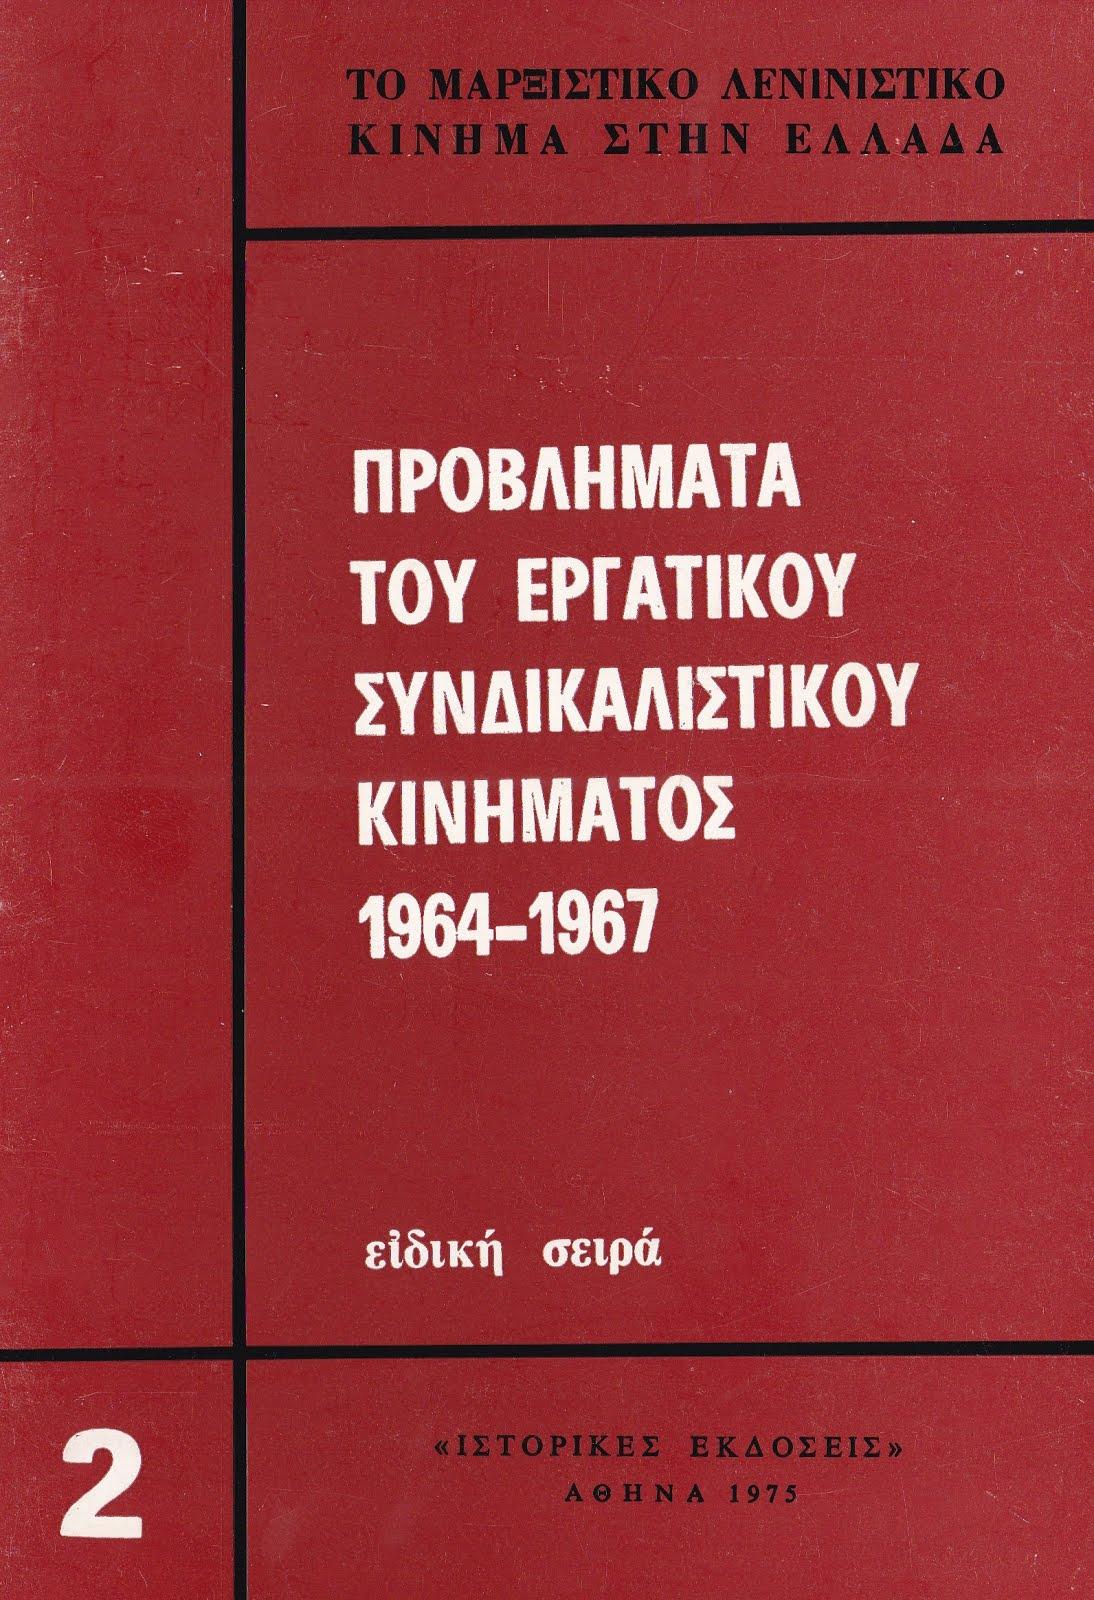 ΠΡΟΒΛΗΜΑΤΑ ΤΟΥ ΕΡΓΑΤΙΚΟΥ ΣΥΝΔΙΚΑΛΙΣΤΙΚΟΥ ΚΙΝΗΜΑΤΟΣ 1964-1967 (2)